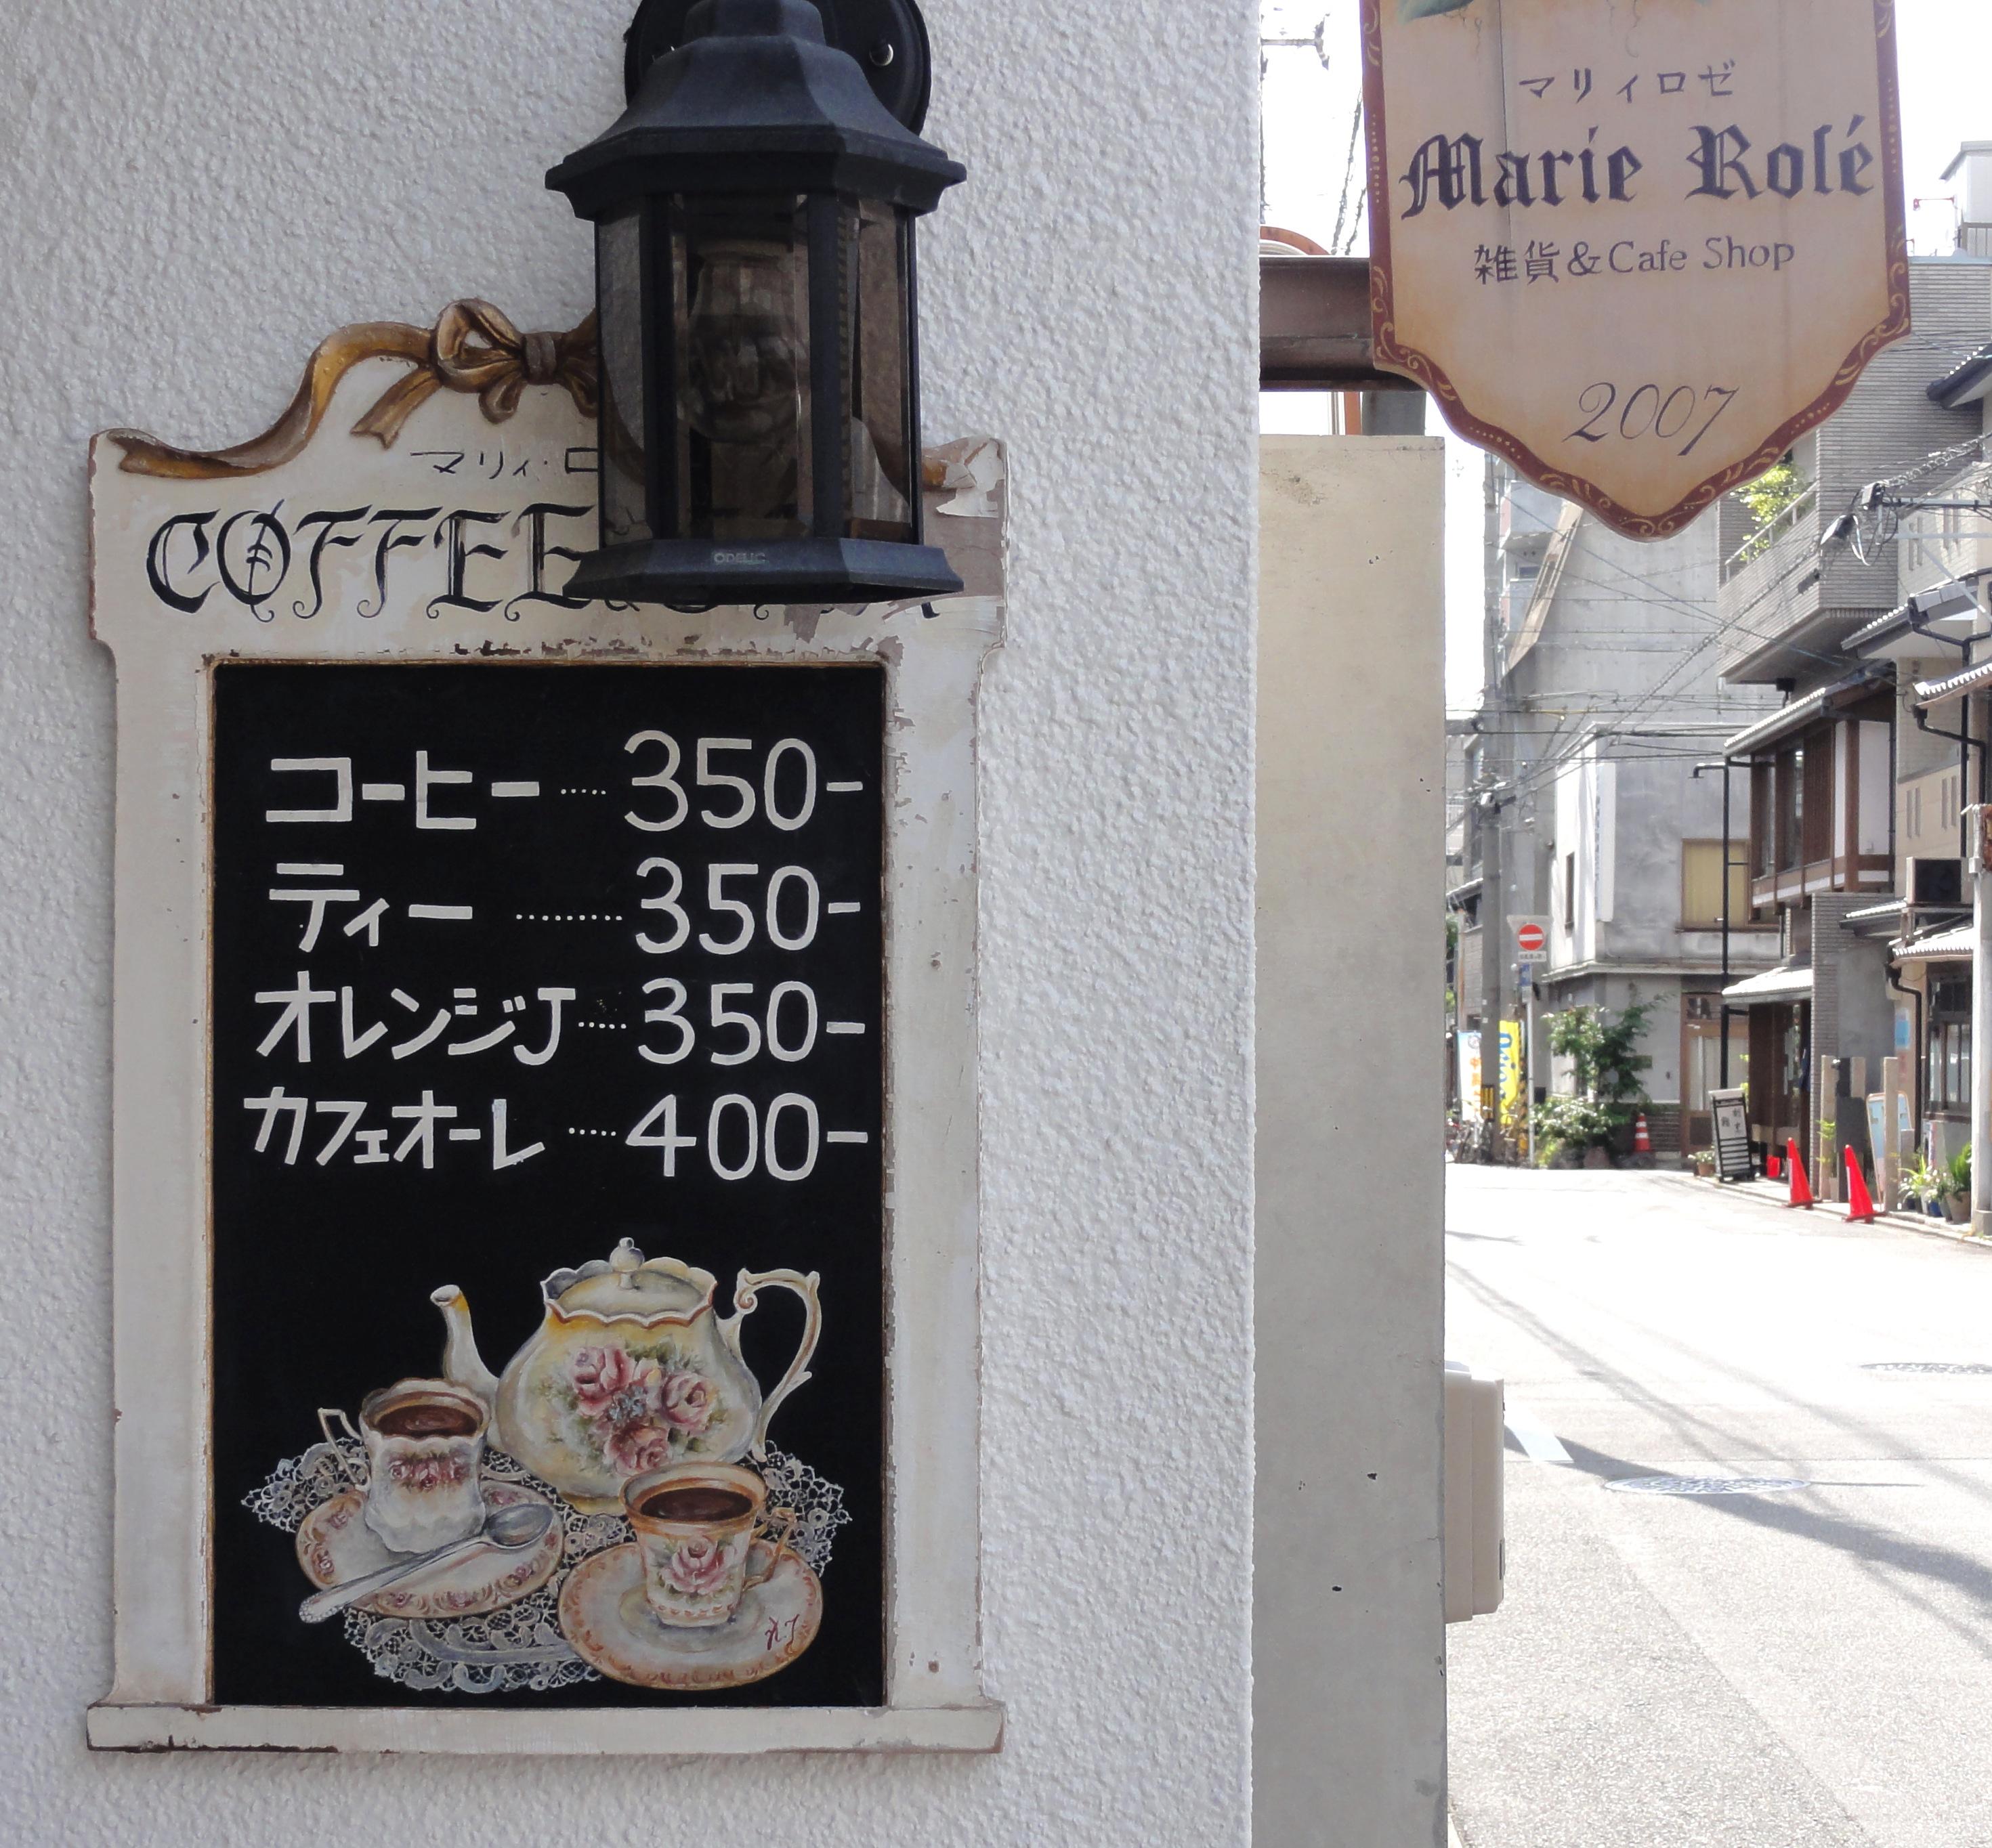 Kissaten coffee shop's sign in katakana Japanese alphabet